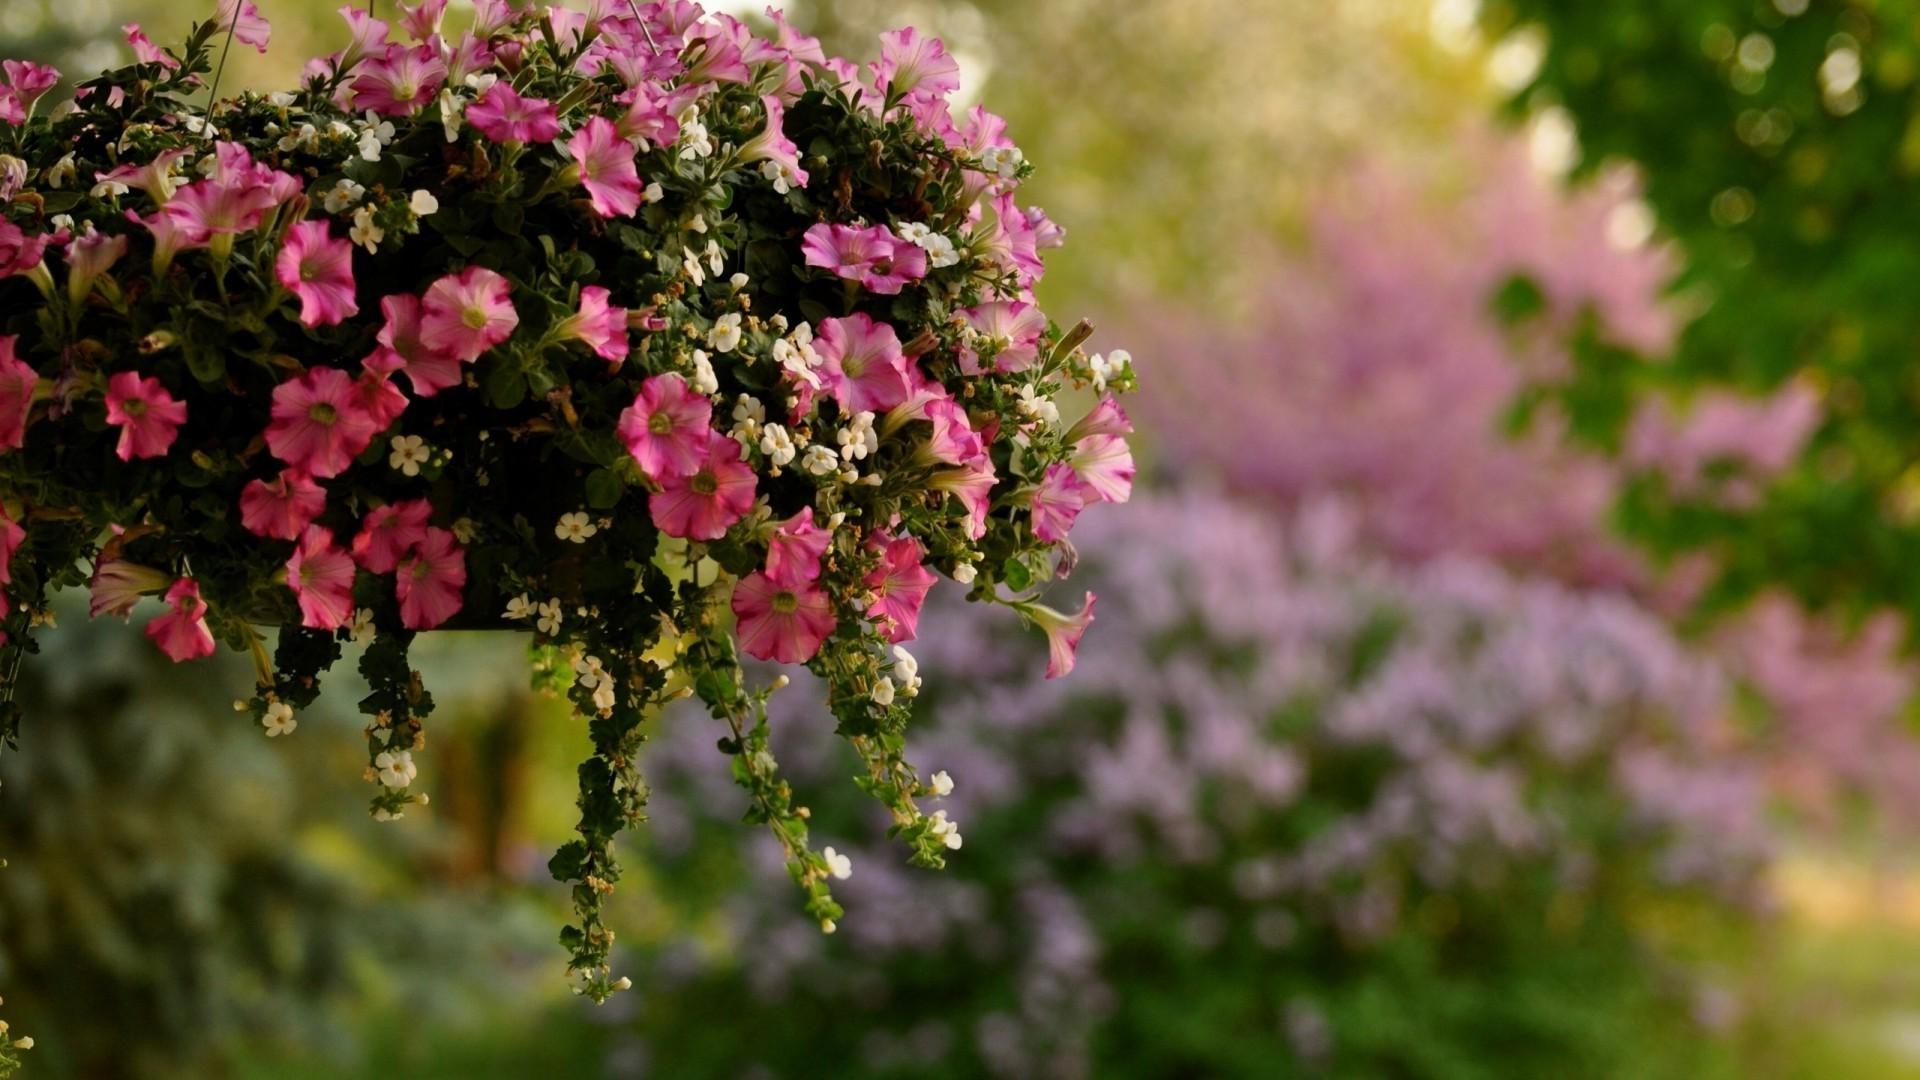 обои на рабочий стол цветы розы лилии гвоздики колокольчики